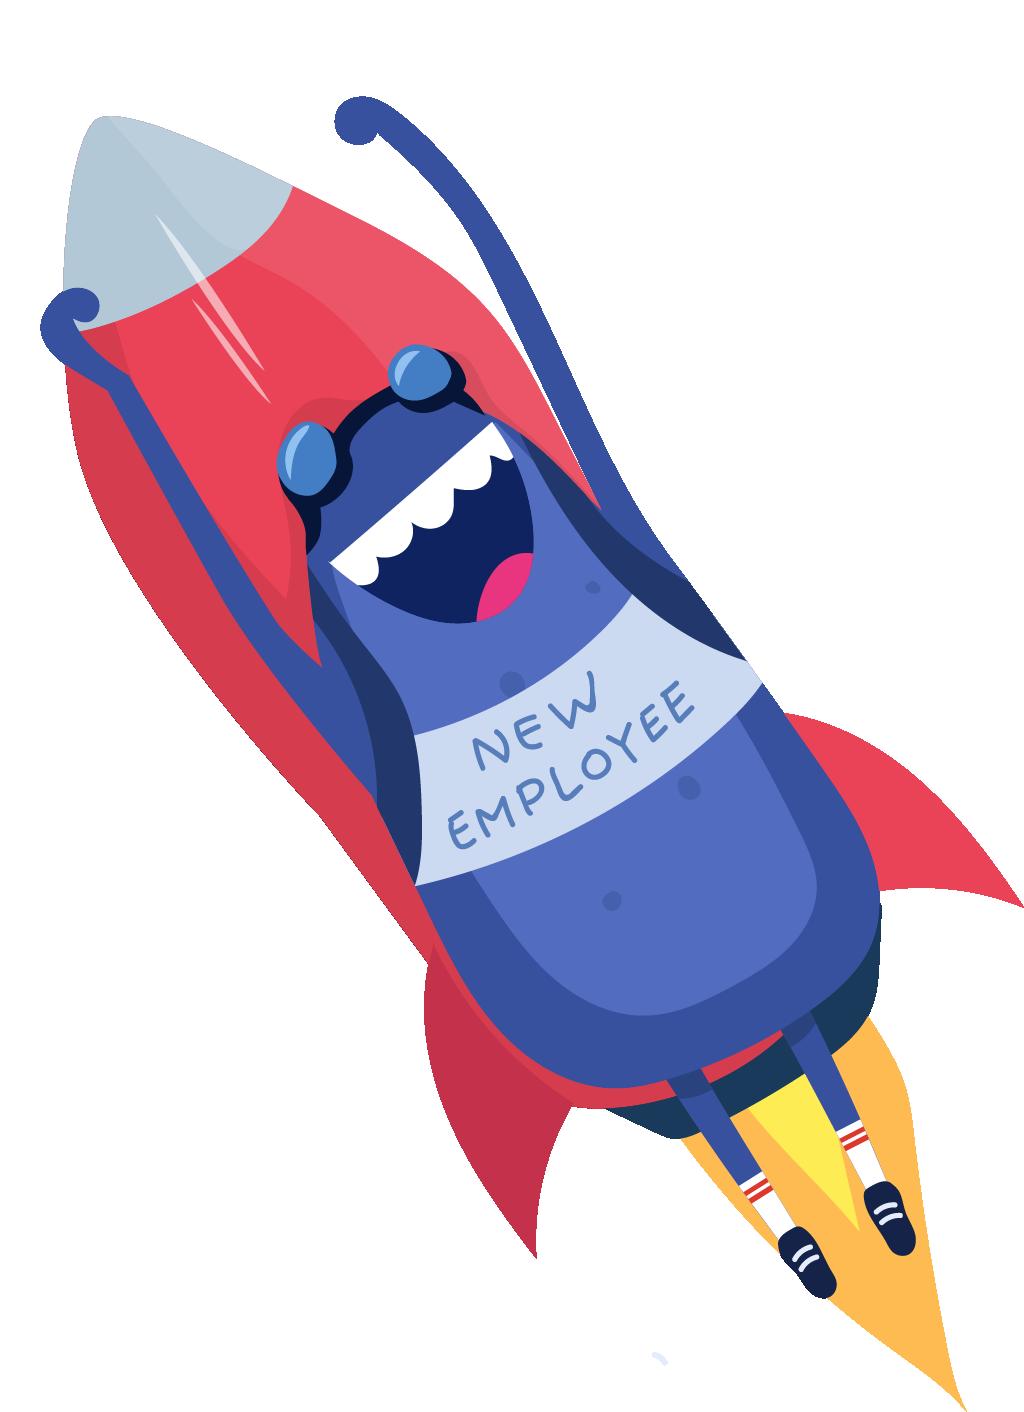 Bertie Rocket New Employee